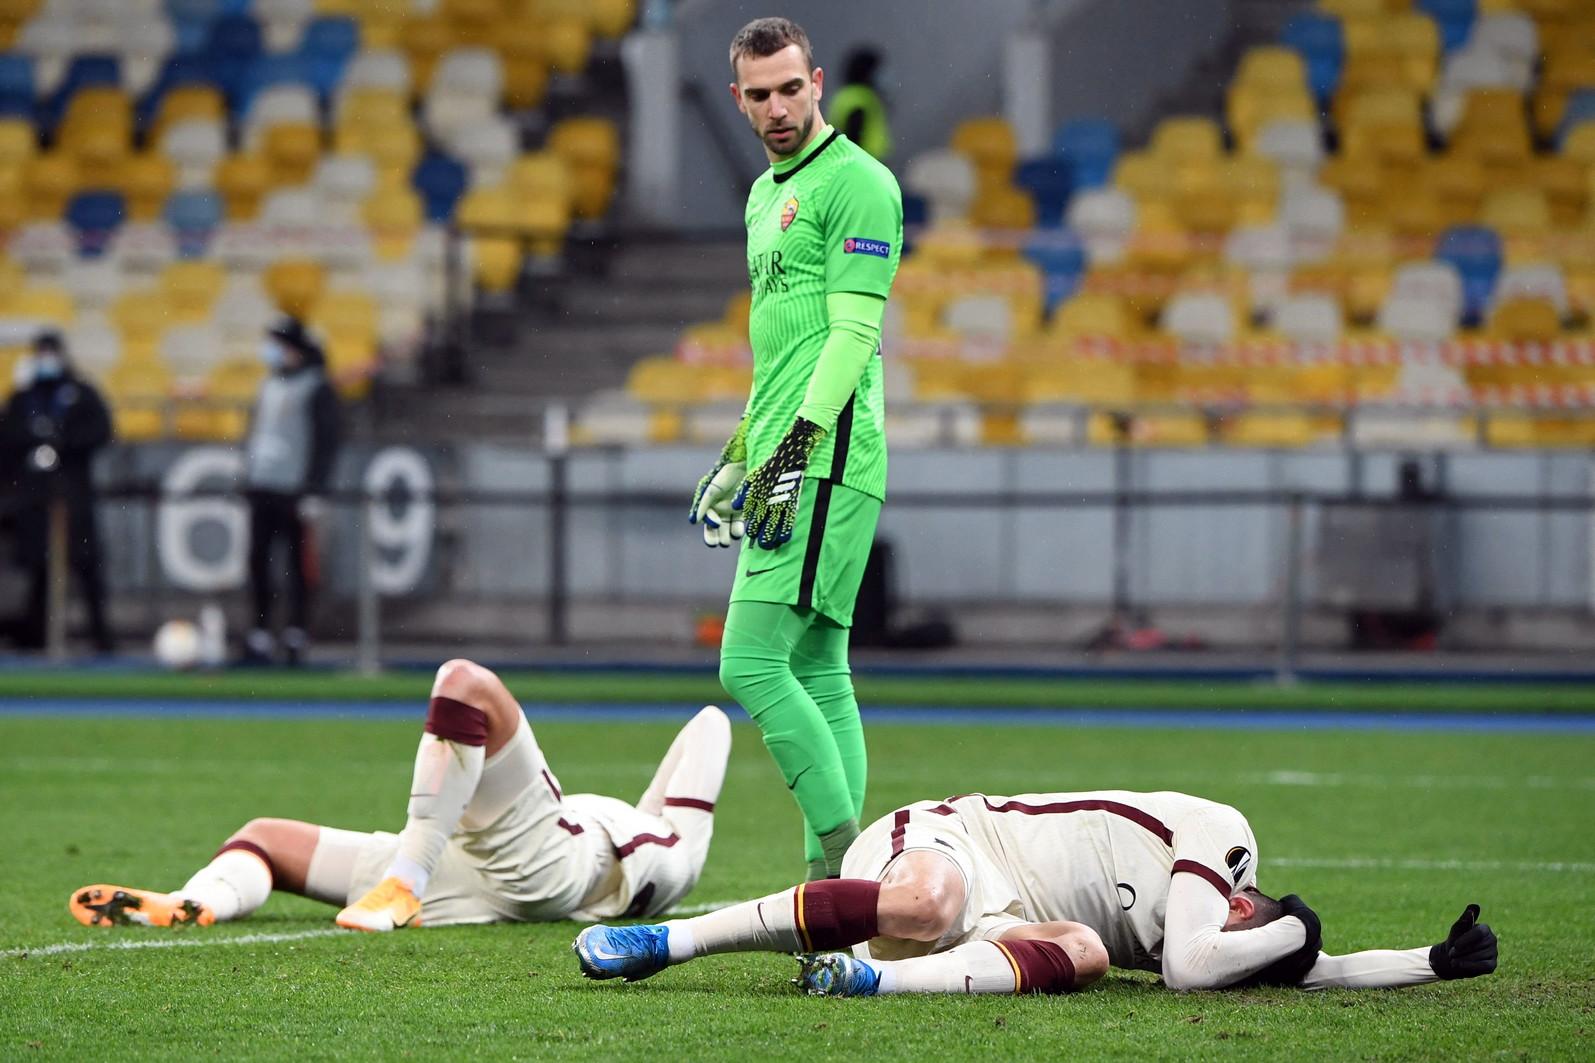 Le migliori foto di&nbsp;Shakhtar Donetsk-Roma 1-2.<br /><br />